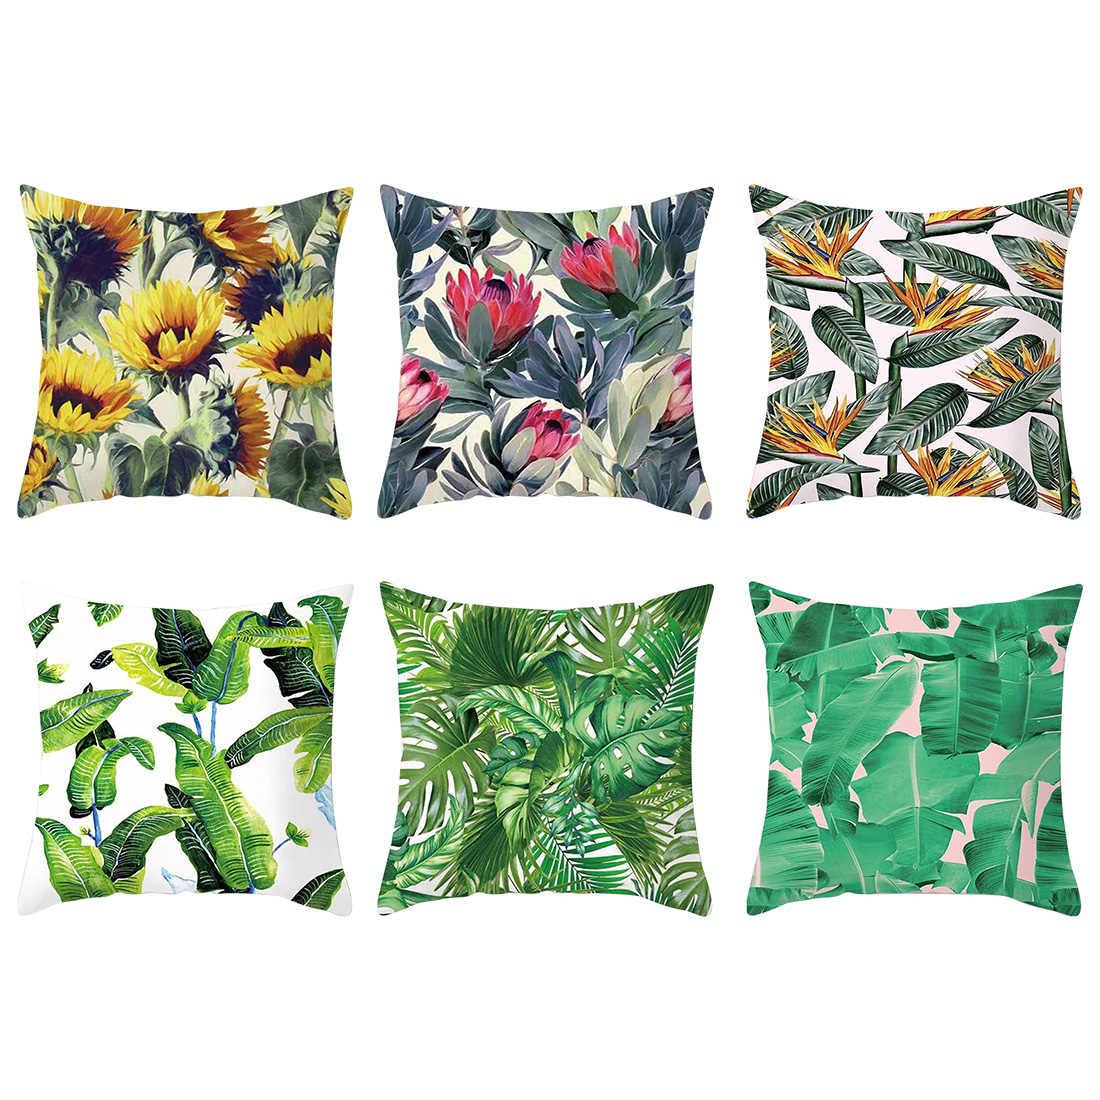 جيدة الأخضر مصنع مدار شجرة رمي كيس وسادة النخيل أوراق زهرة وسادة القضية وسادة الزخرفية ل أريكة سيارة ديكور المنزل